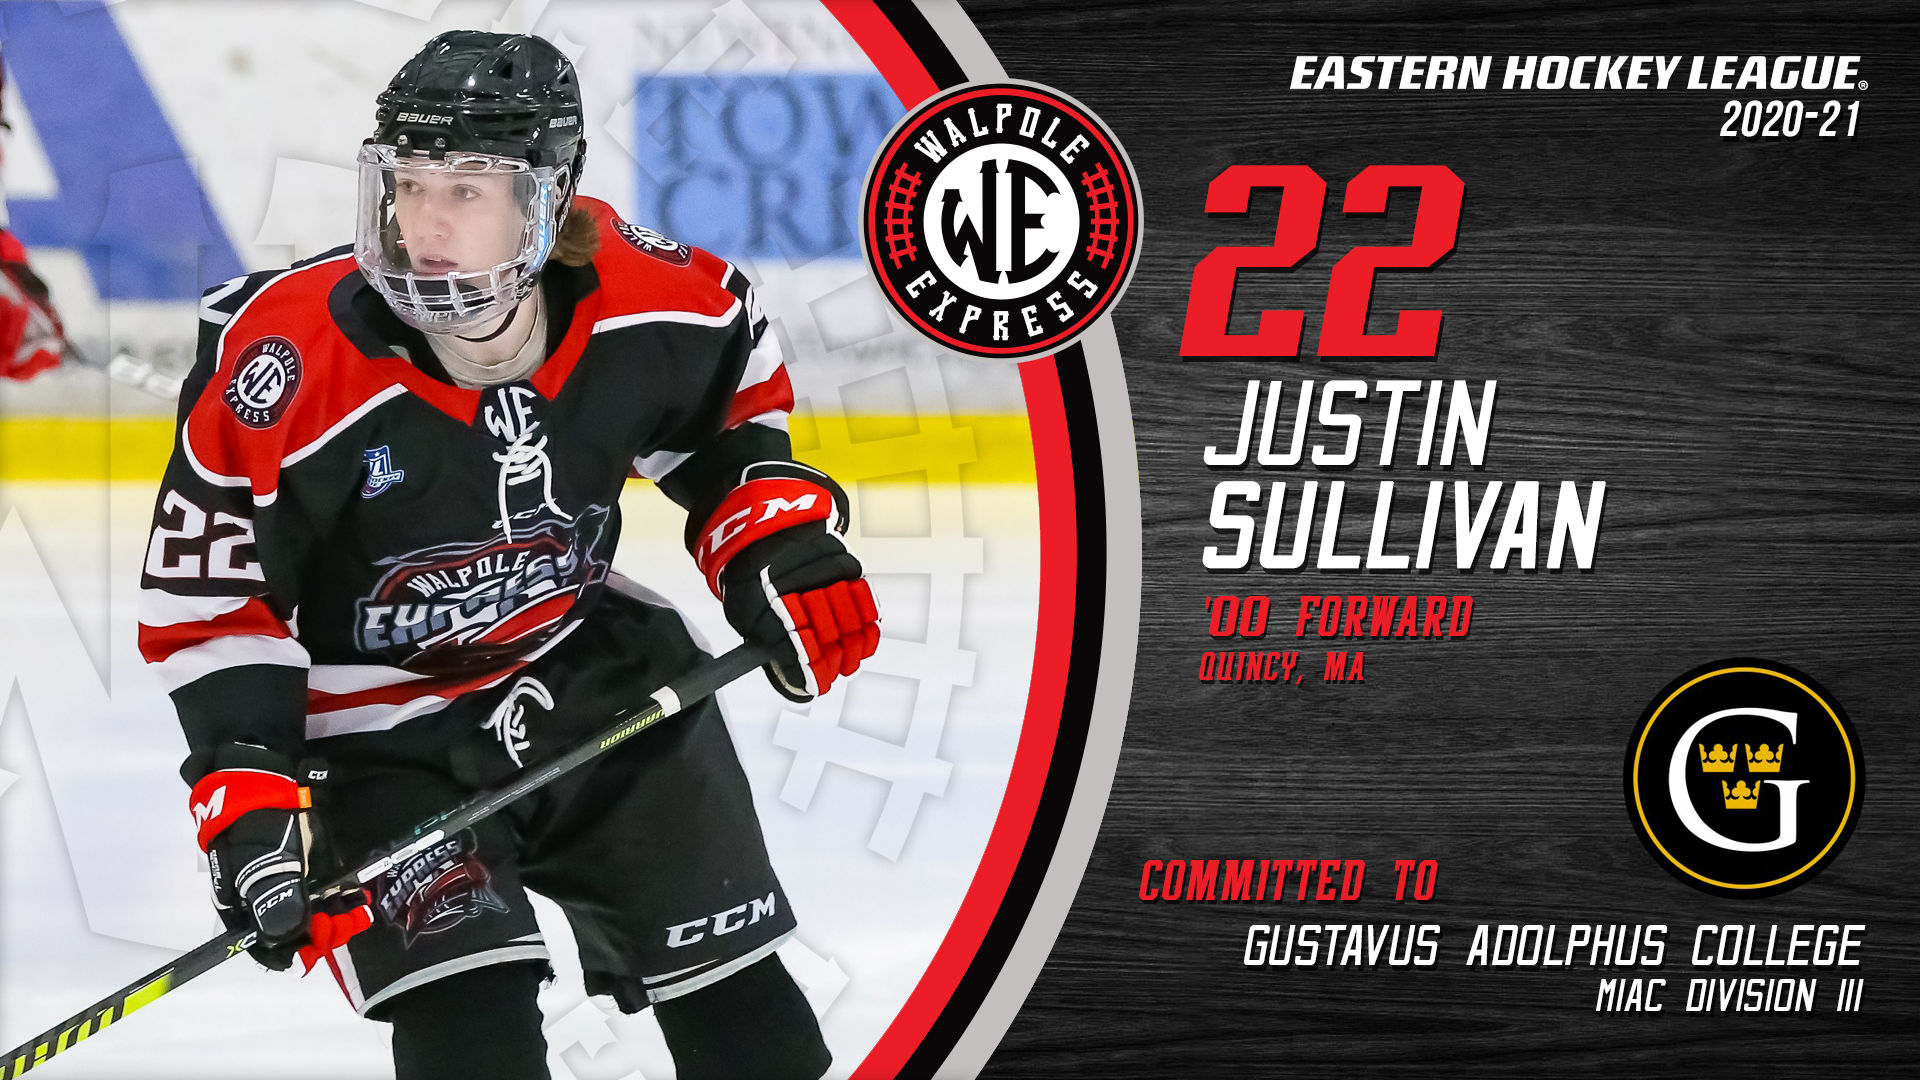 Justin Sullivan